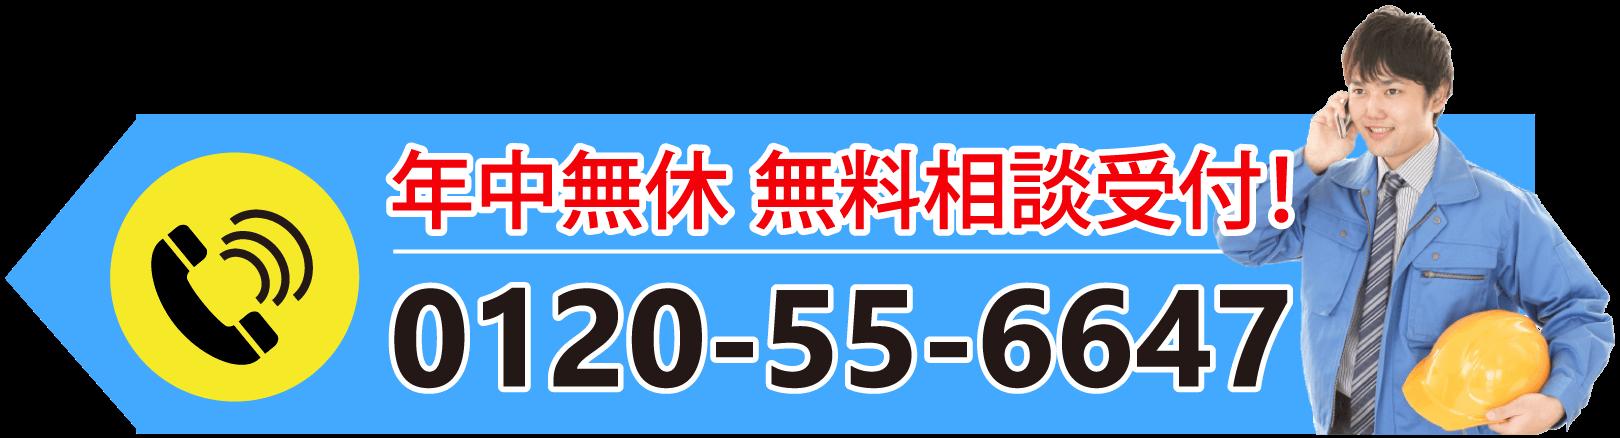 年中無休 無料相談受付!0120-55-6647